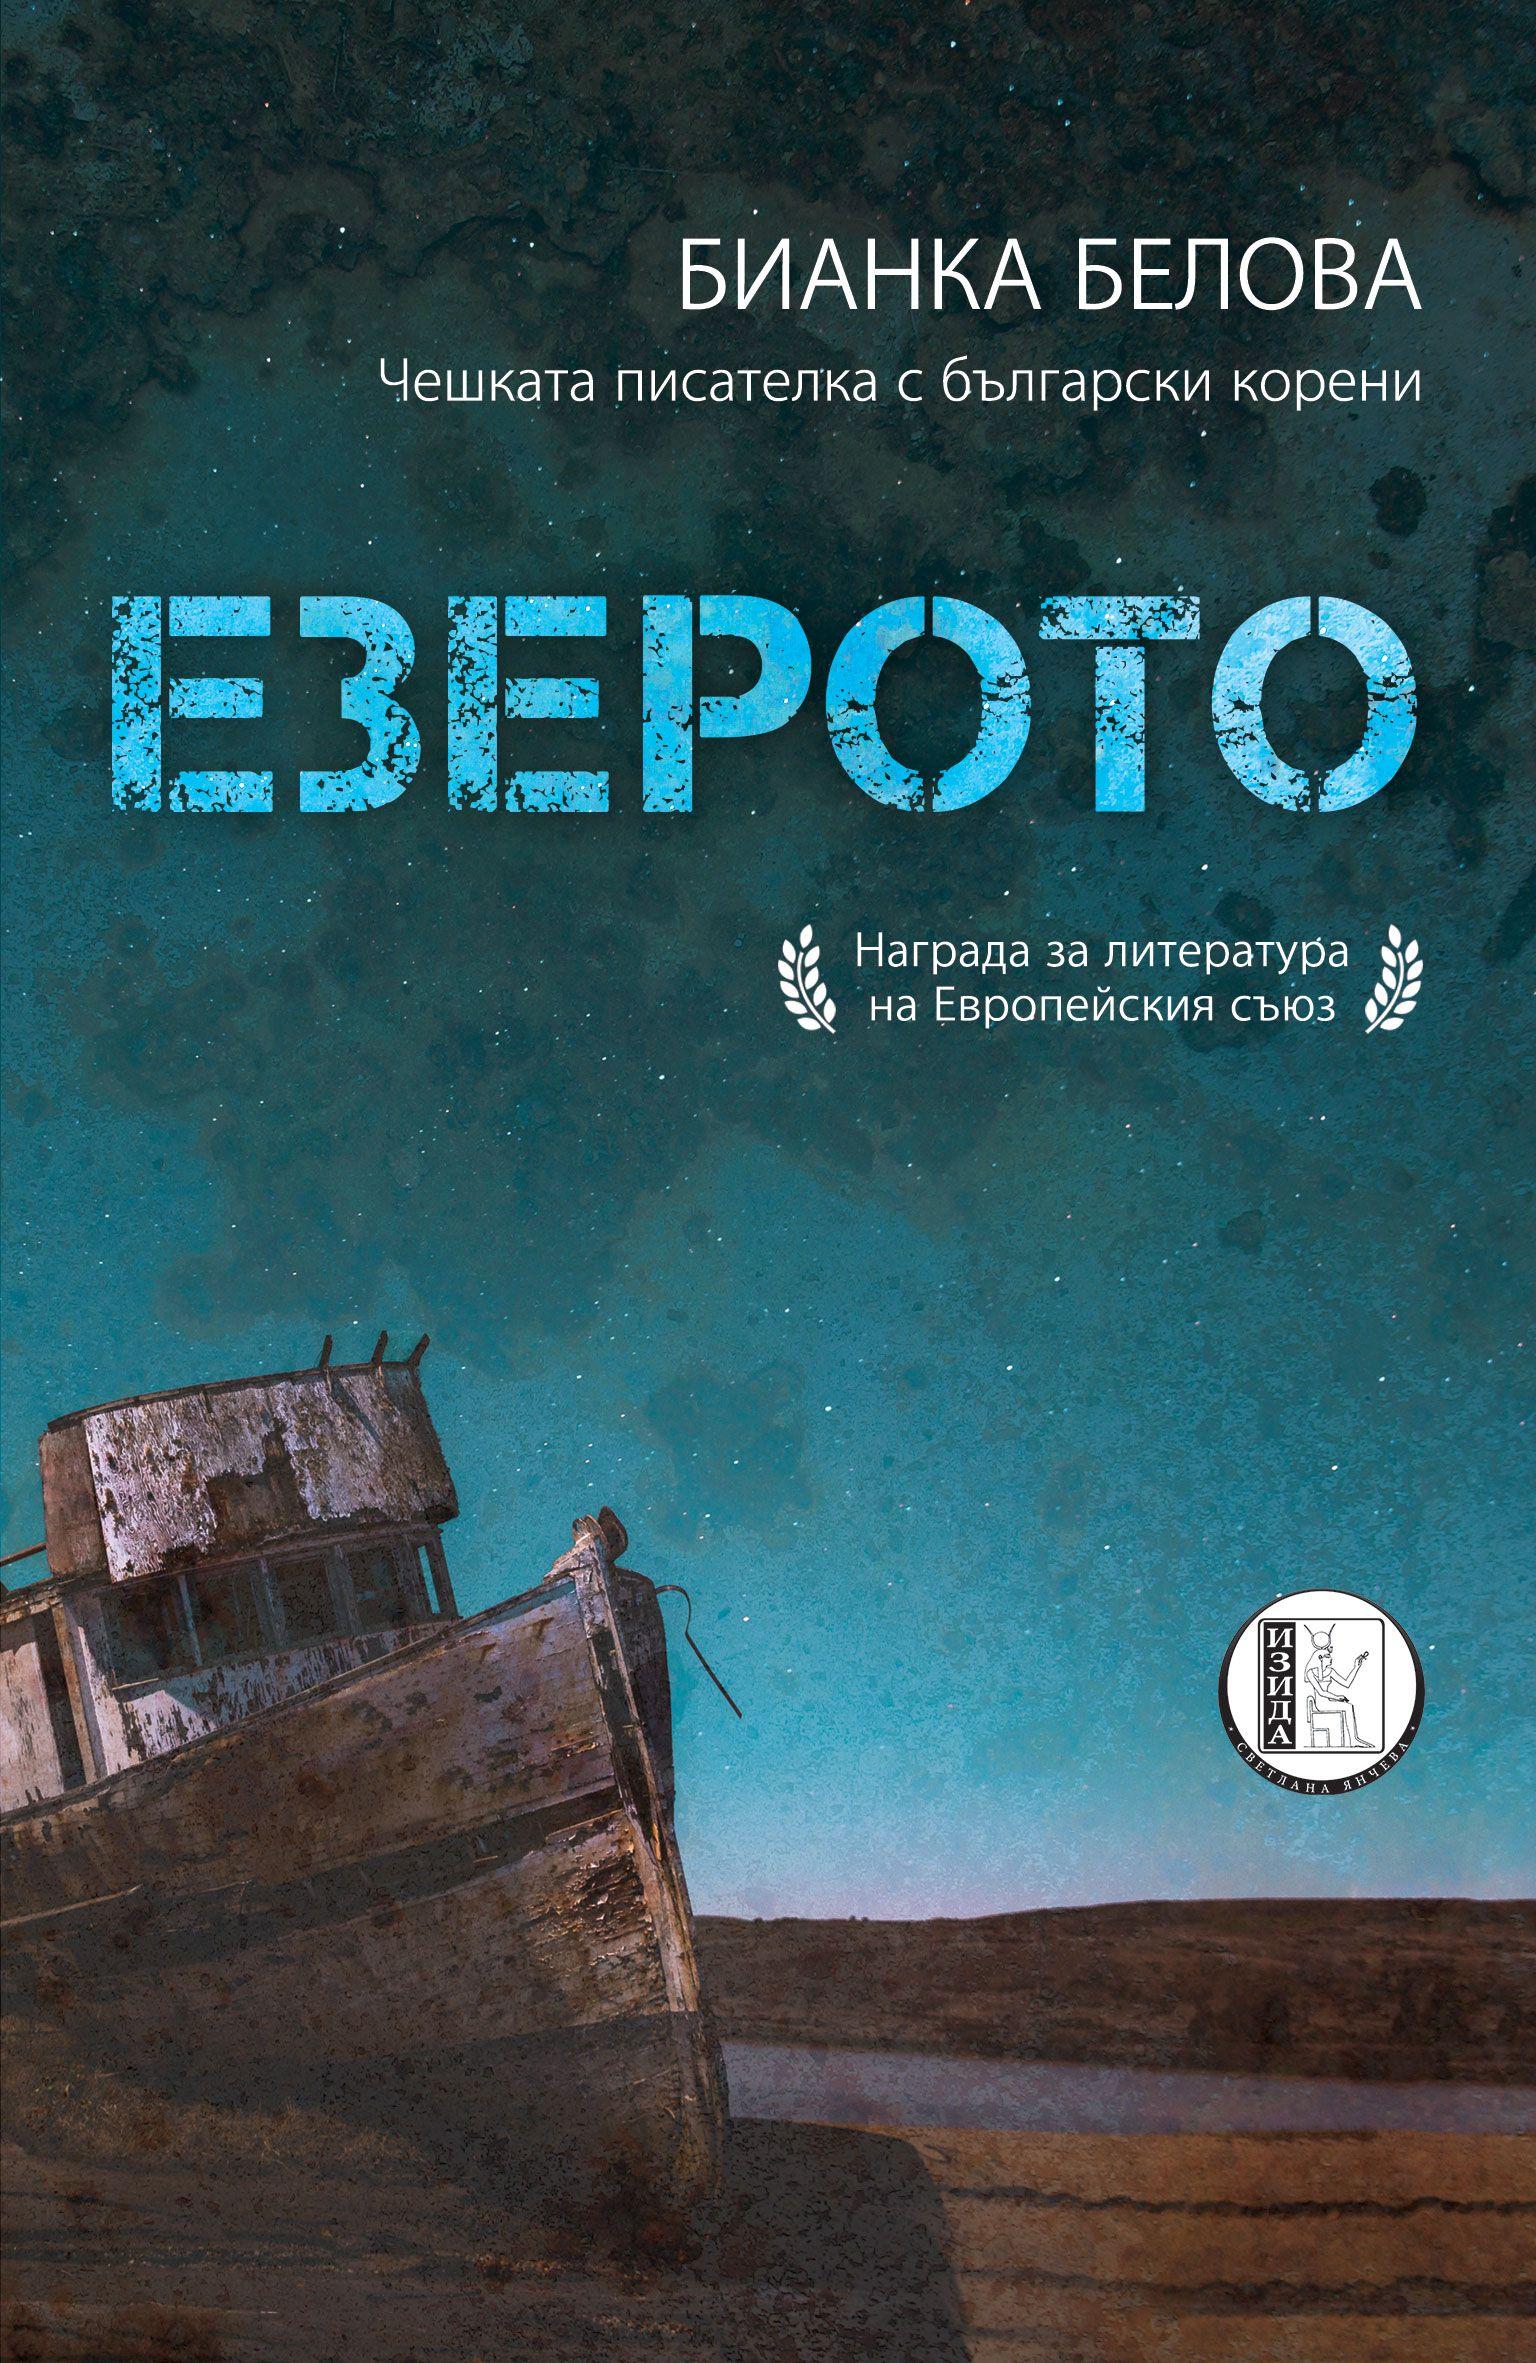 ezeroto - 1